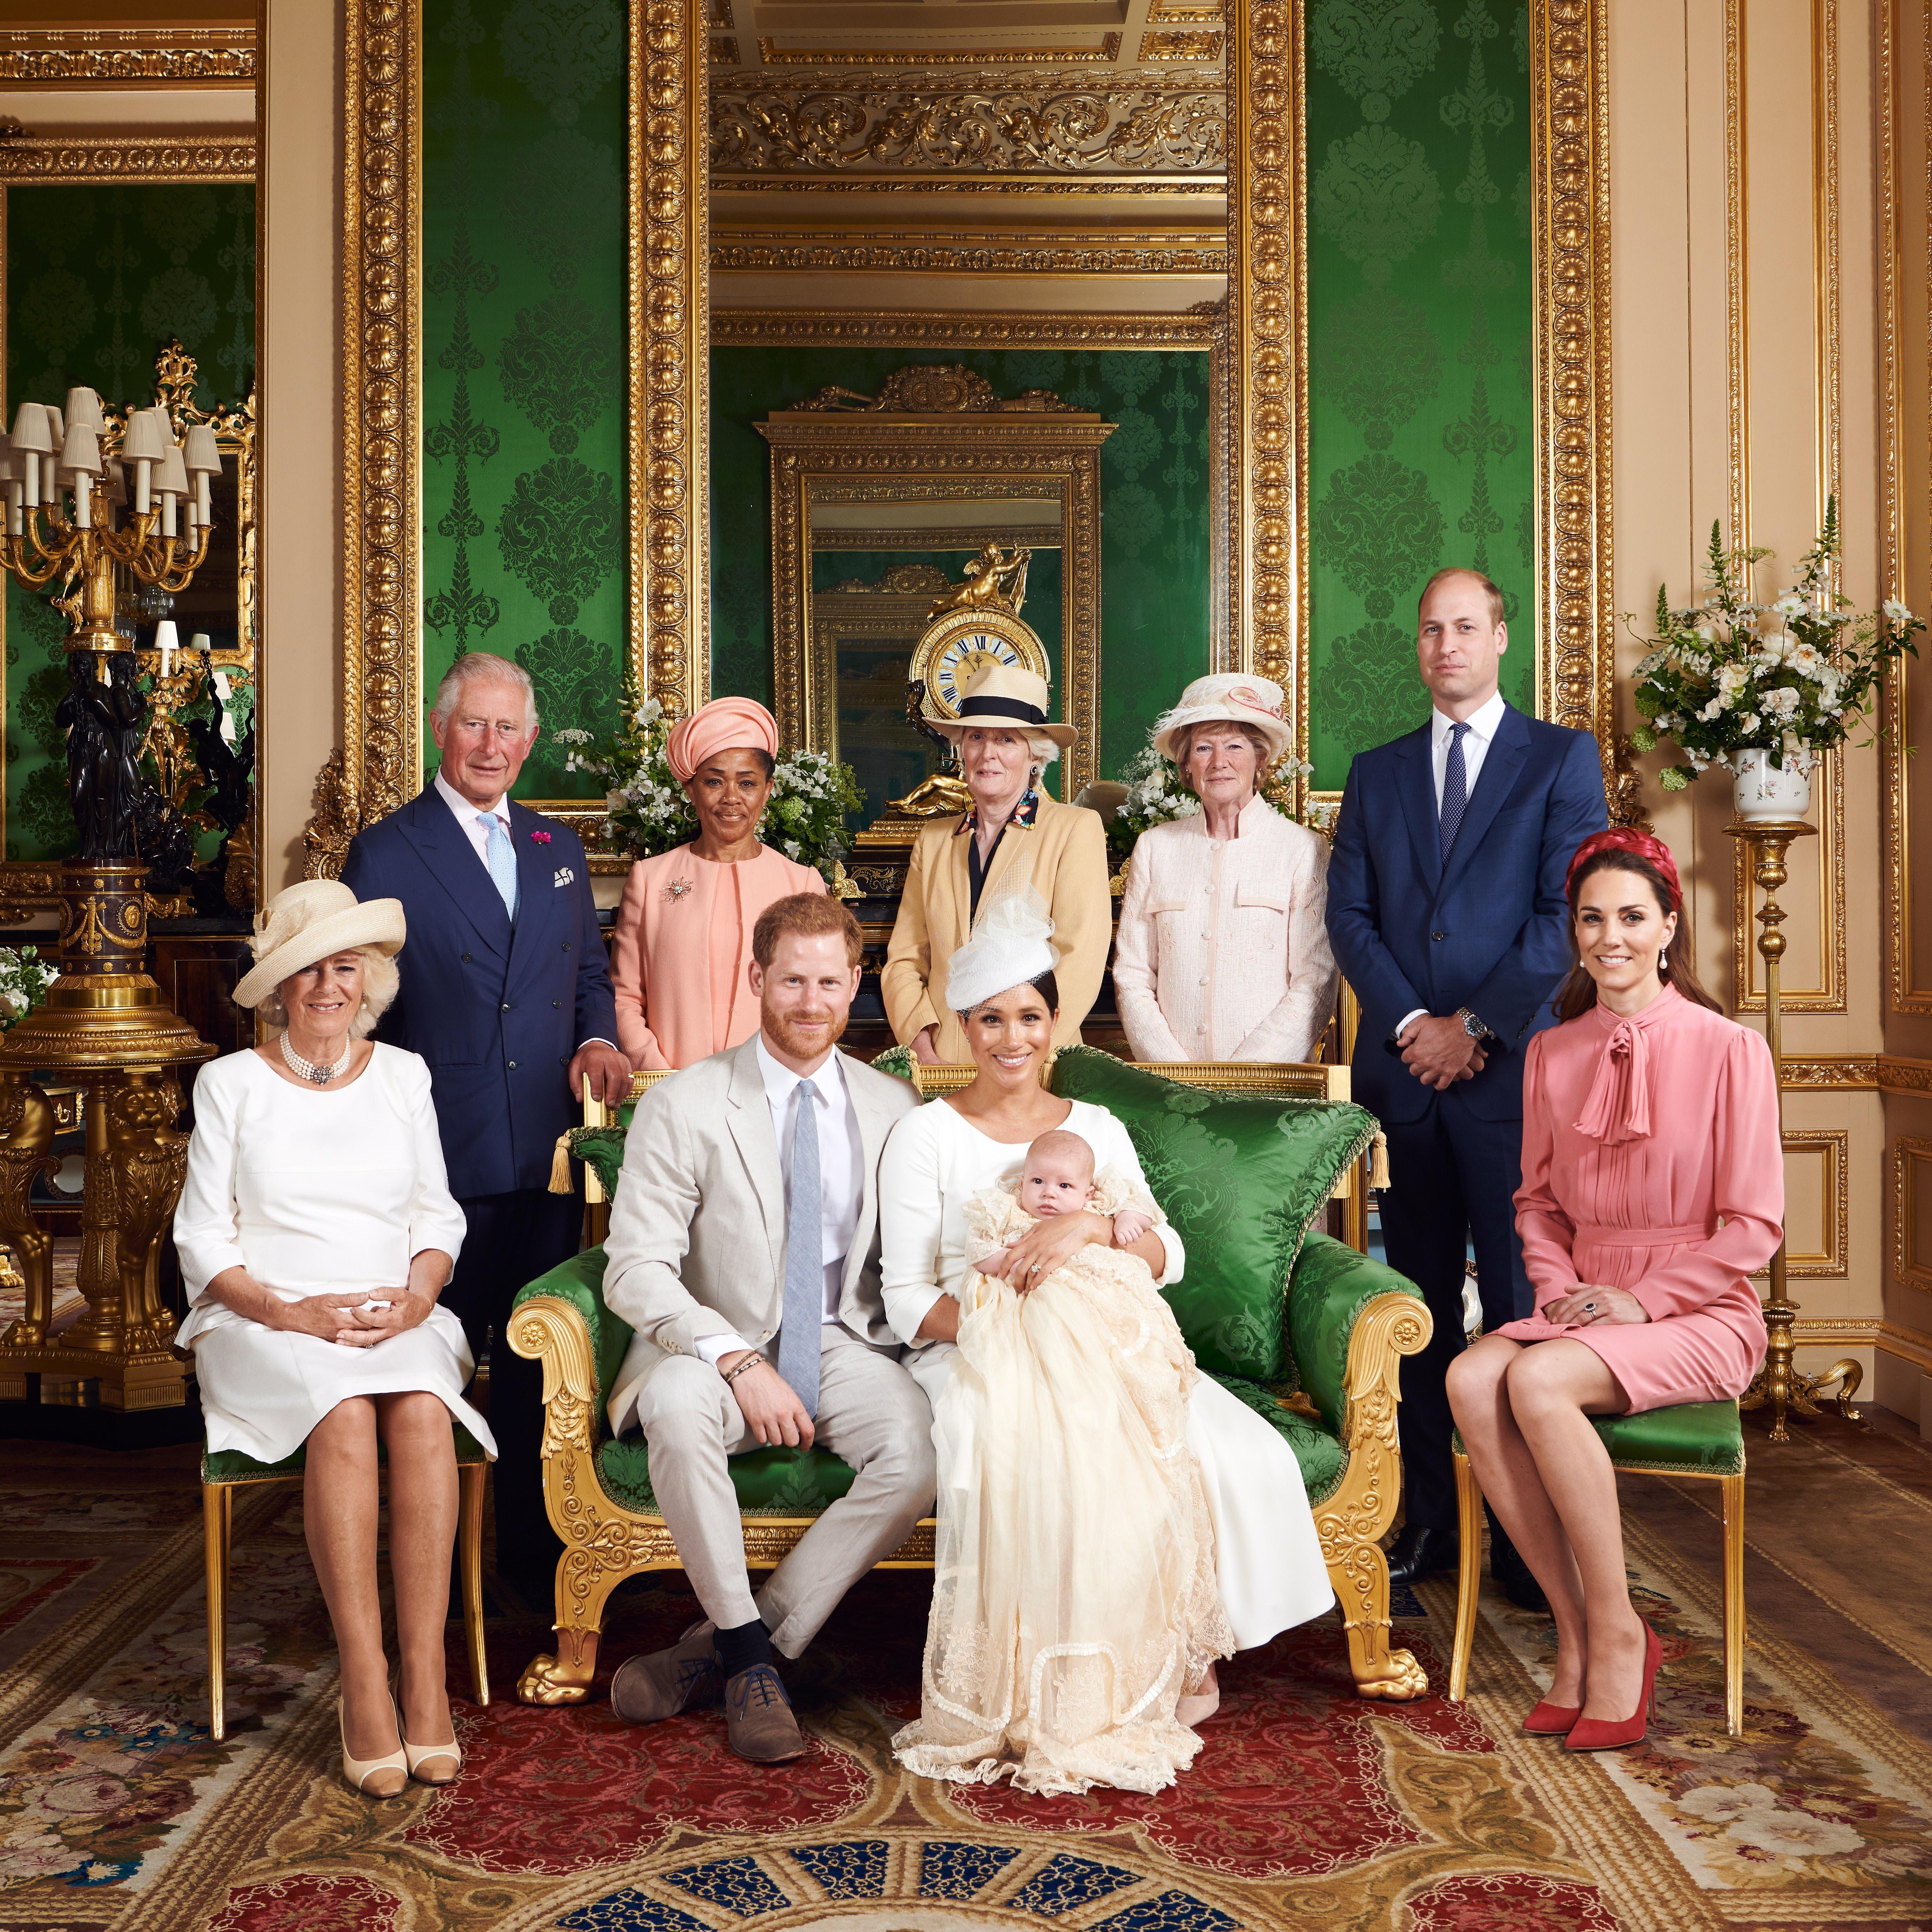 El príncipe Enrique y Meghan Markle siguen haciendo las cosas a su manera y marcando distancias con las tradiciones de la realeza británica, como demostraron de nuevo este sábado en el bautizo de su primer hijo, Archie Harrison Mountbatten-Windsor.